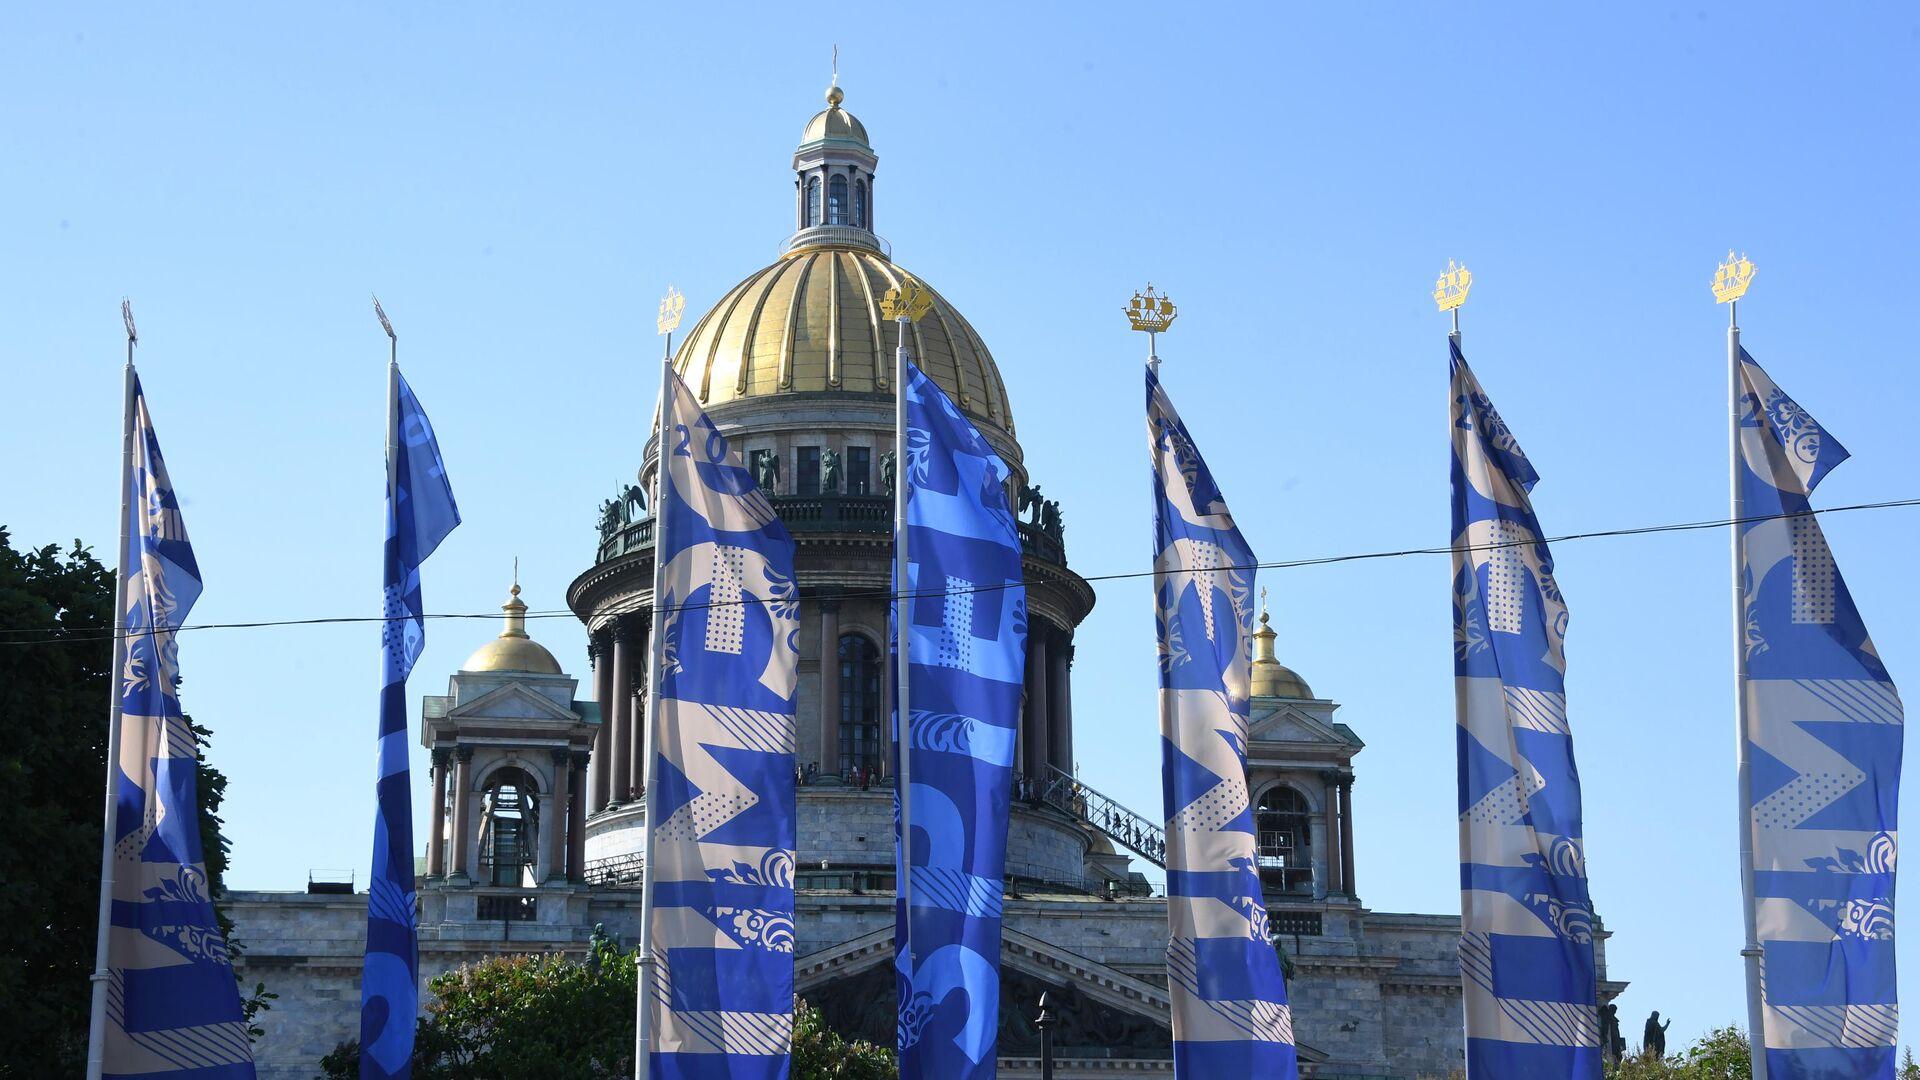 Флаги с символикой Петербургского международного экономического форума на Исаакиевской площади в Санкт-Петербурге - РИА Новости, 1920, 17.06.2020